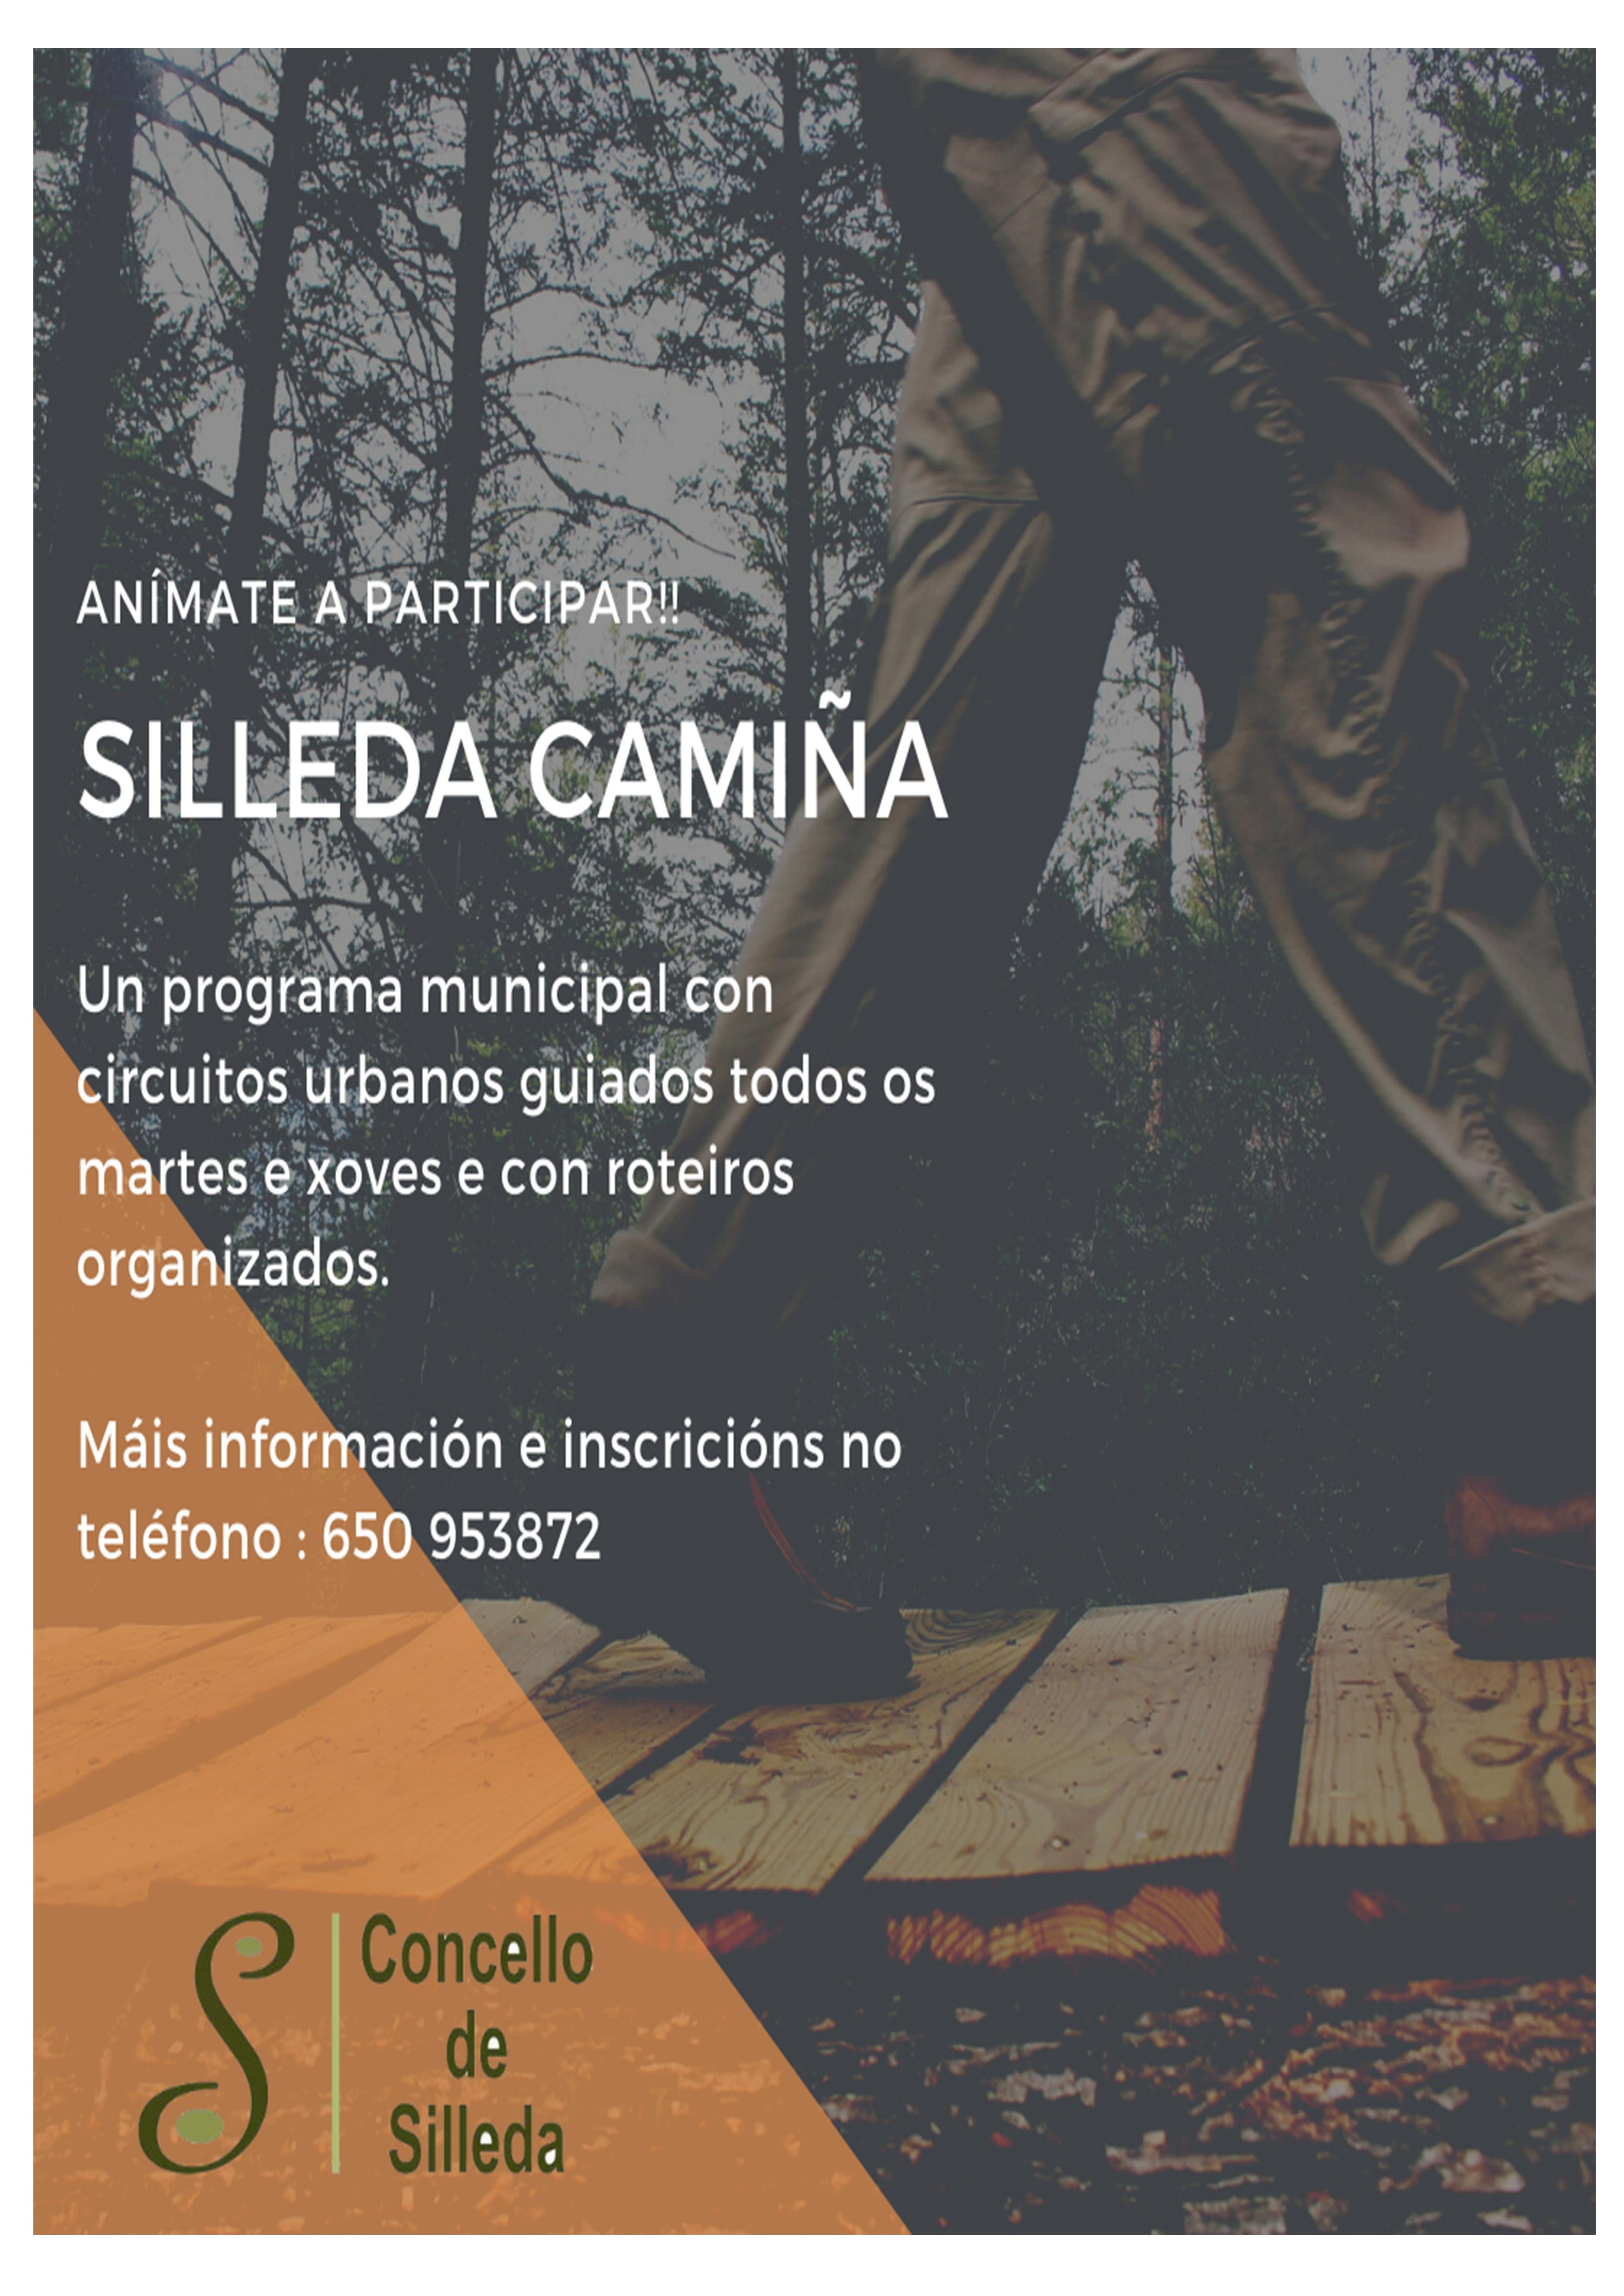 Nace o programa 'Silleda Camiña' con circuitos urbanos semanais e roteiros polo municipio